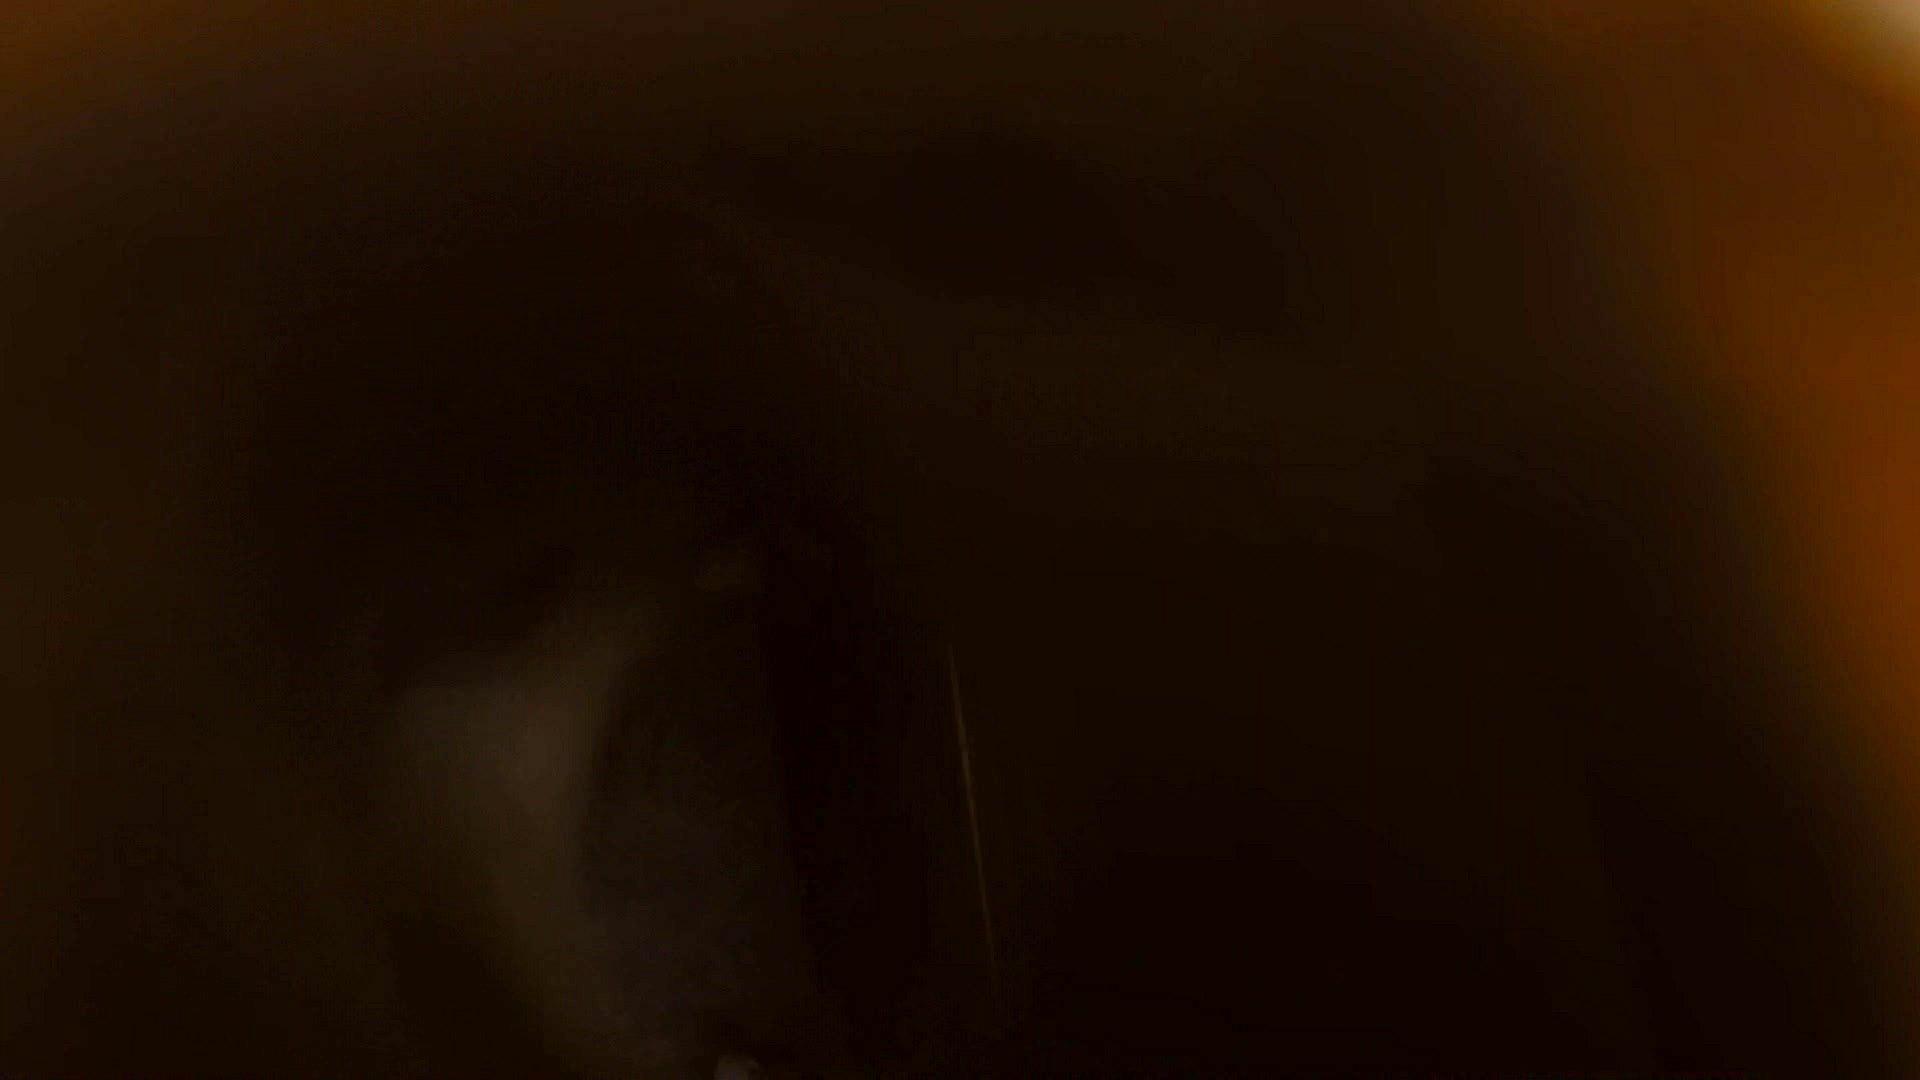 阿国ちゃんの「和式洋式七変化」No.2 和式で・・・ | 洗面所 盗撮 75画像 13